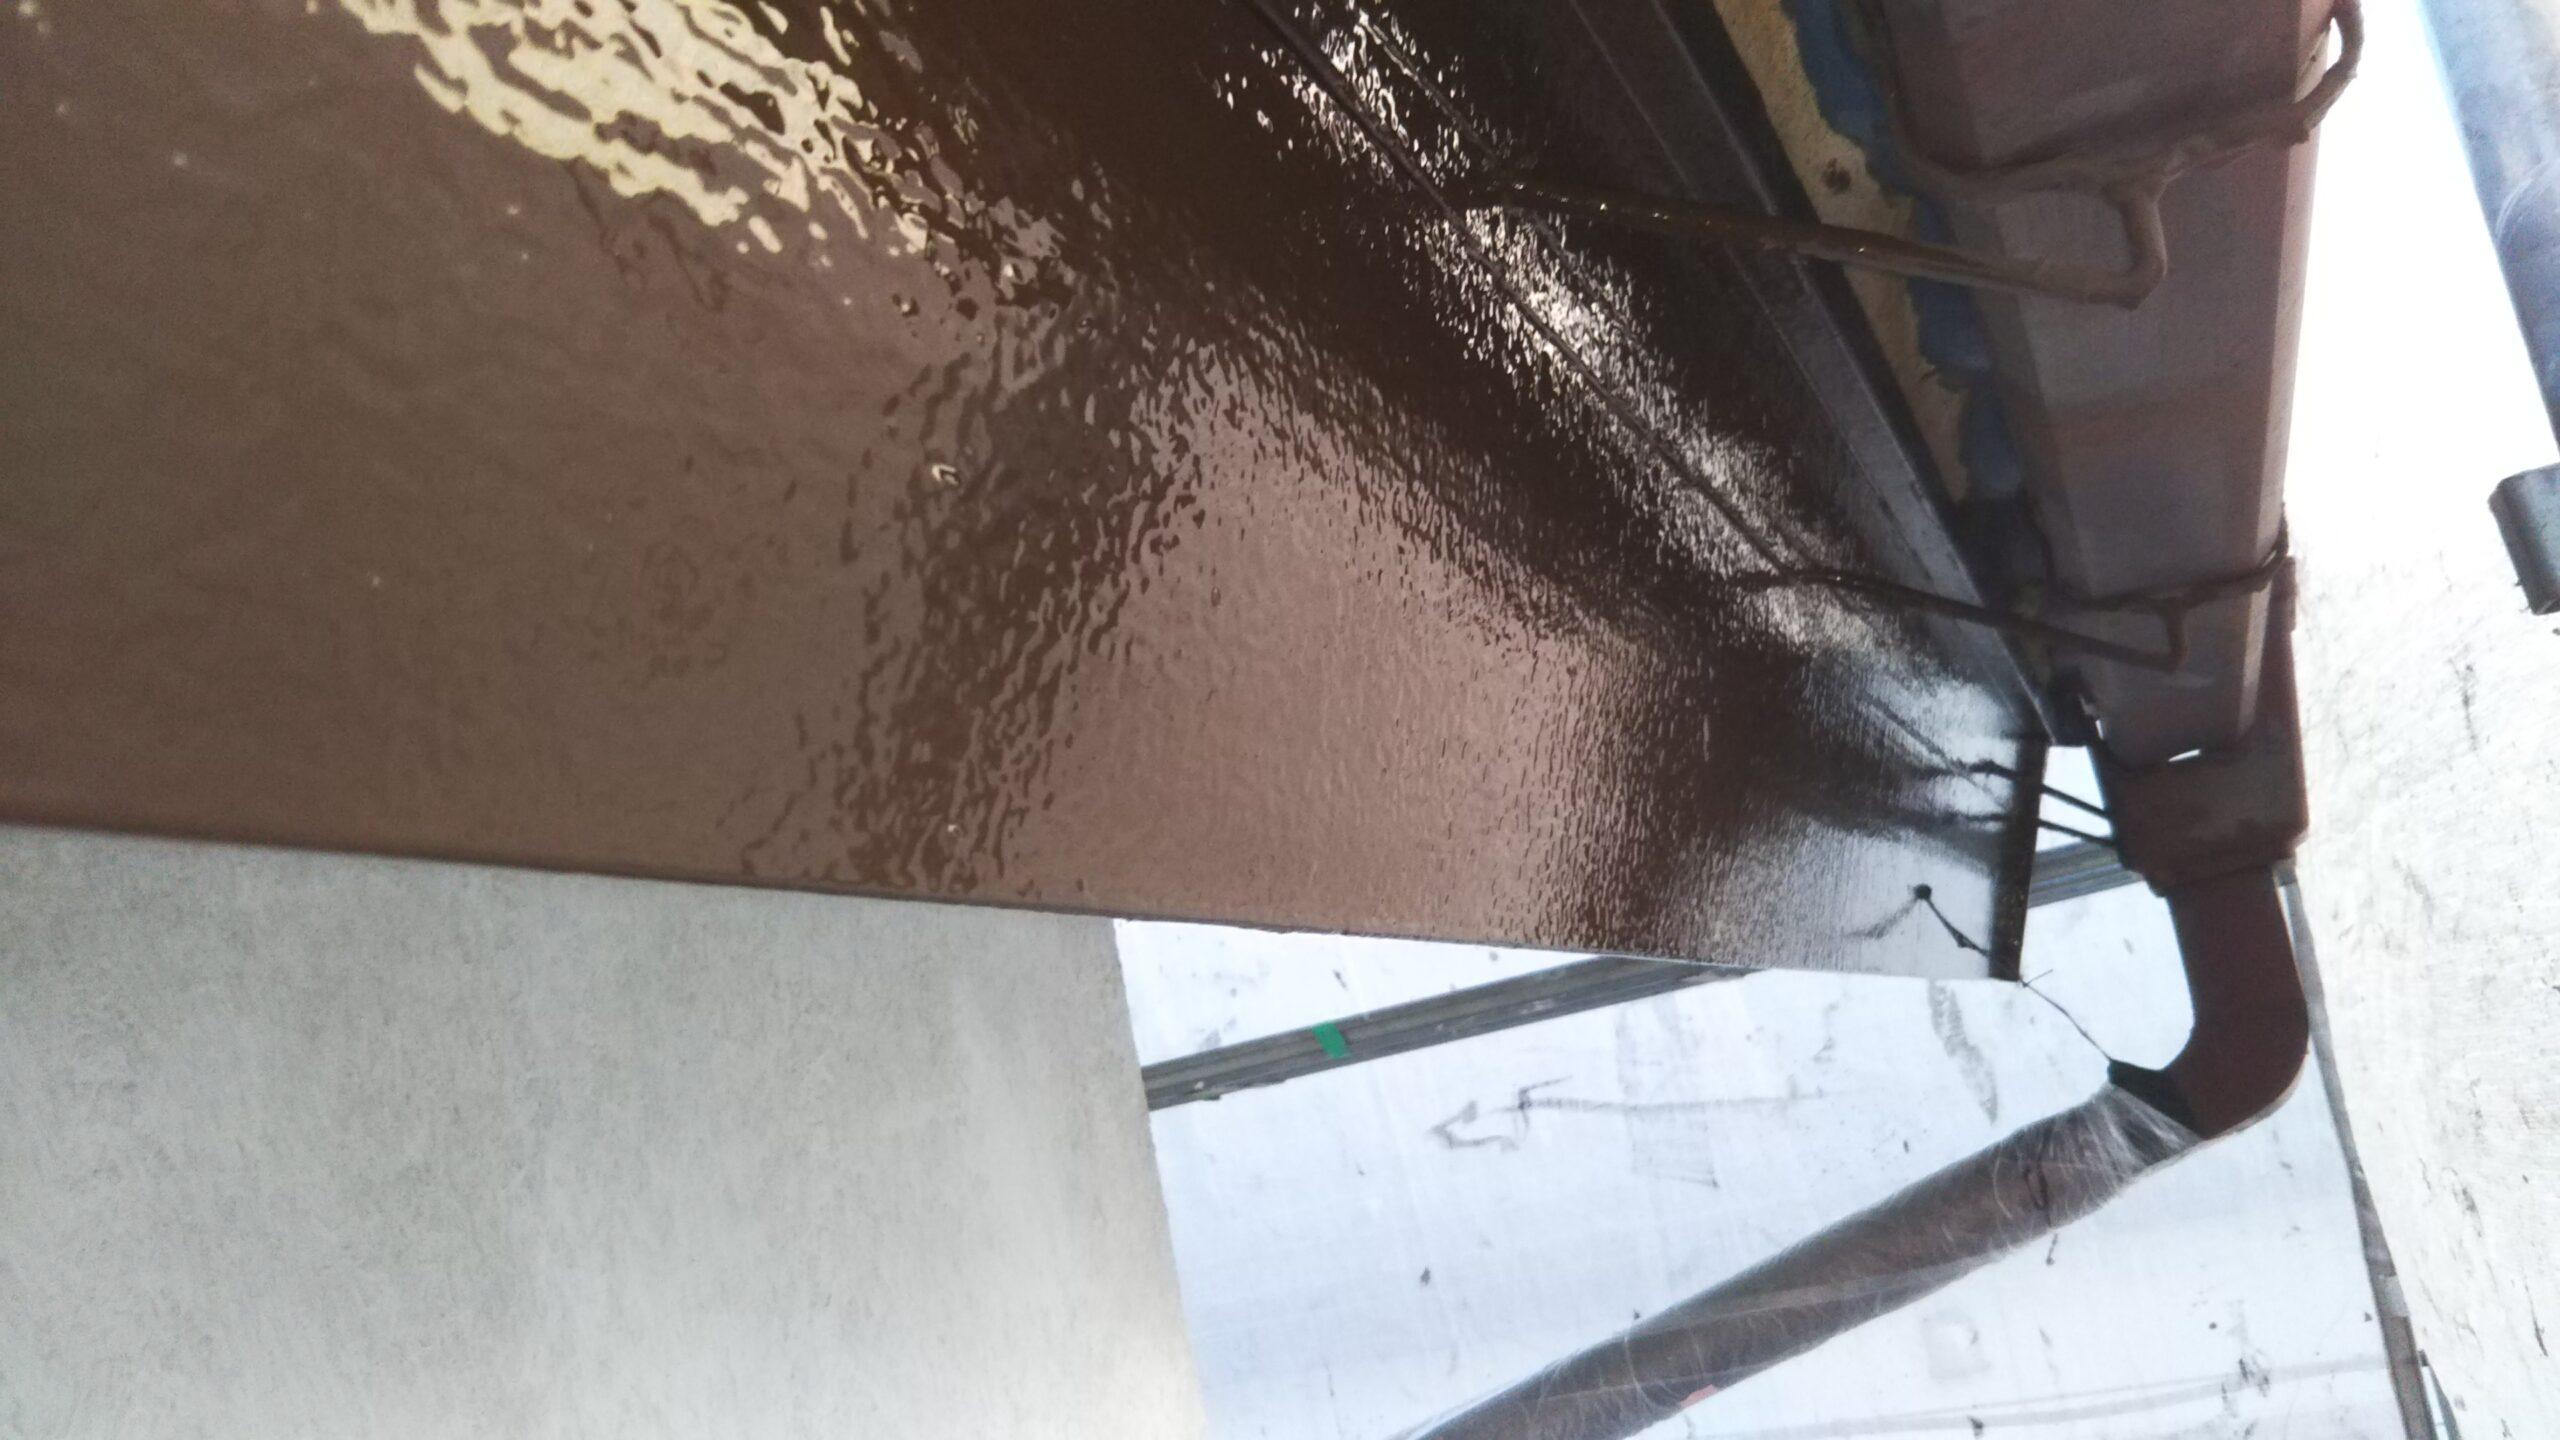 埼玉県さいたま市岩槻区のN様邸(木造2階建て)にて外壁・破風・軒の塗装工事